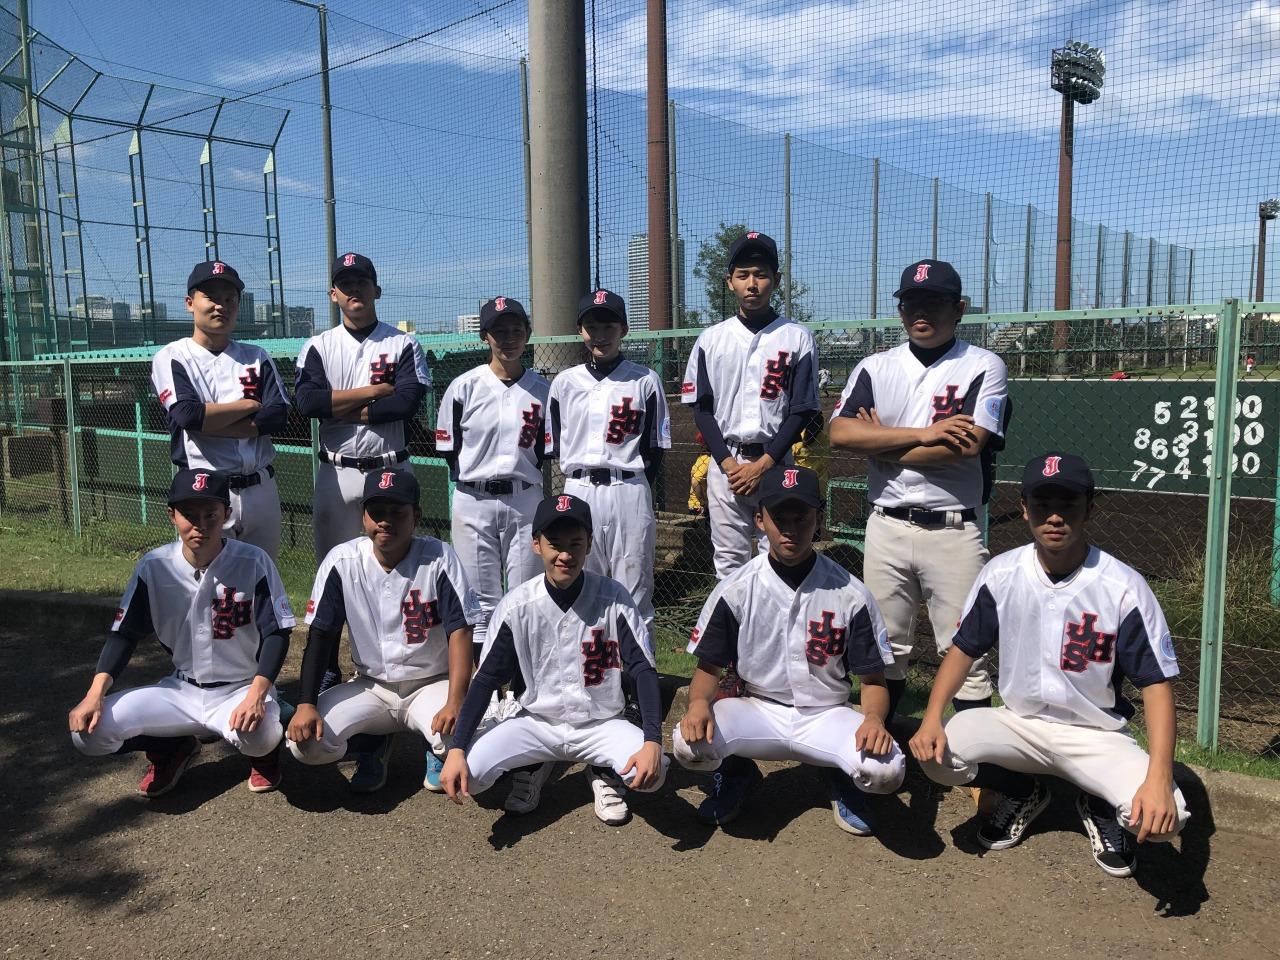 【野球部】2019年度秋季大会終了後に集合写真